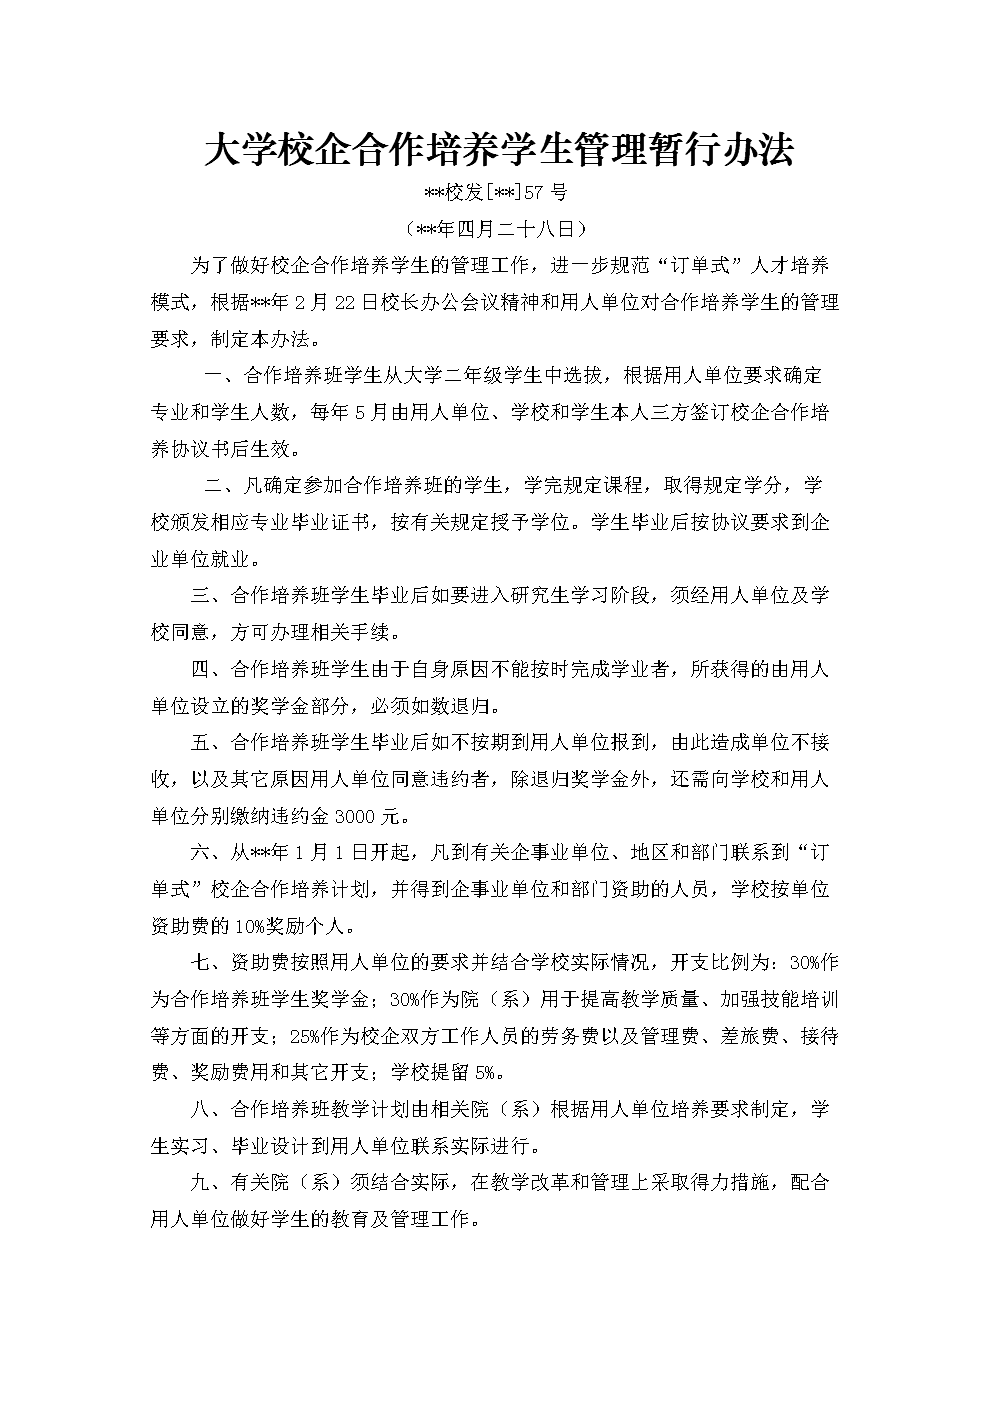 大学校企合作培养学生管理暂行办法模版.docx